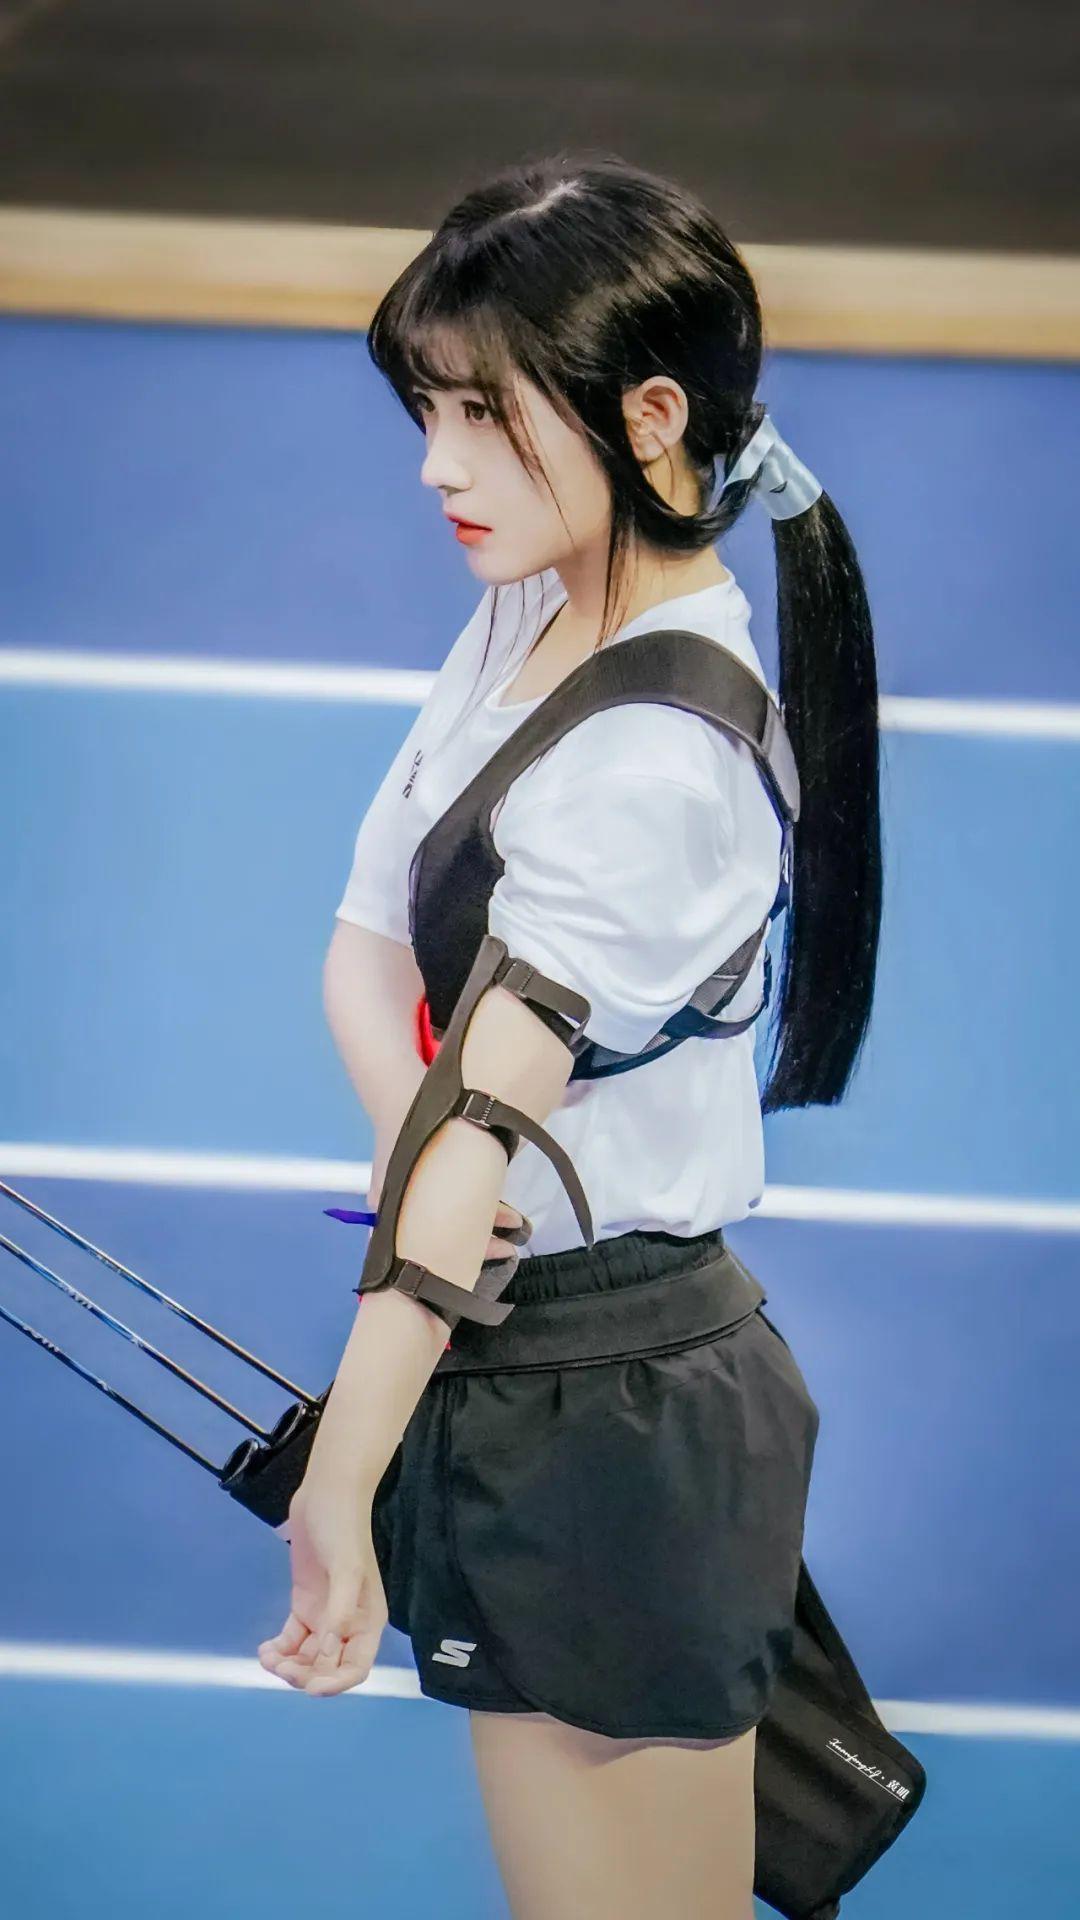 妹子写真 – 女王范的刘亦菲和傻白甜的赖美云,你更喜欢哪一位?_图片 No.11